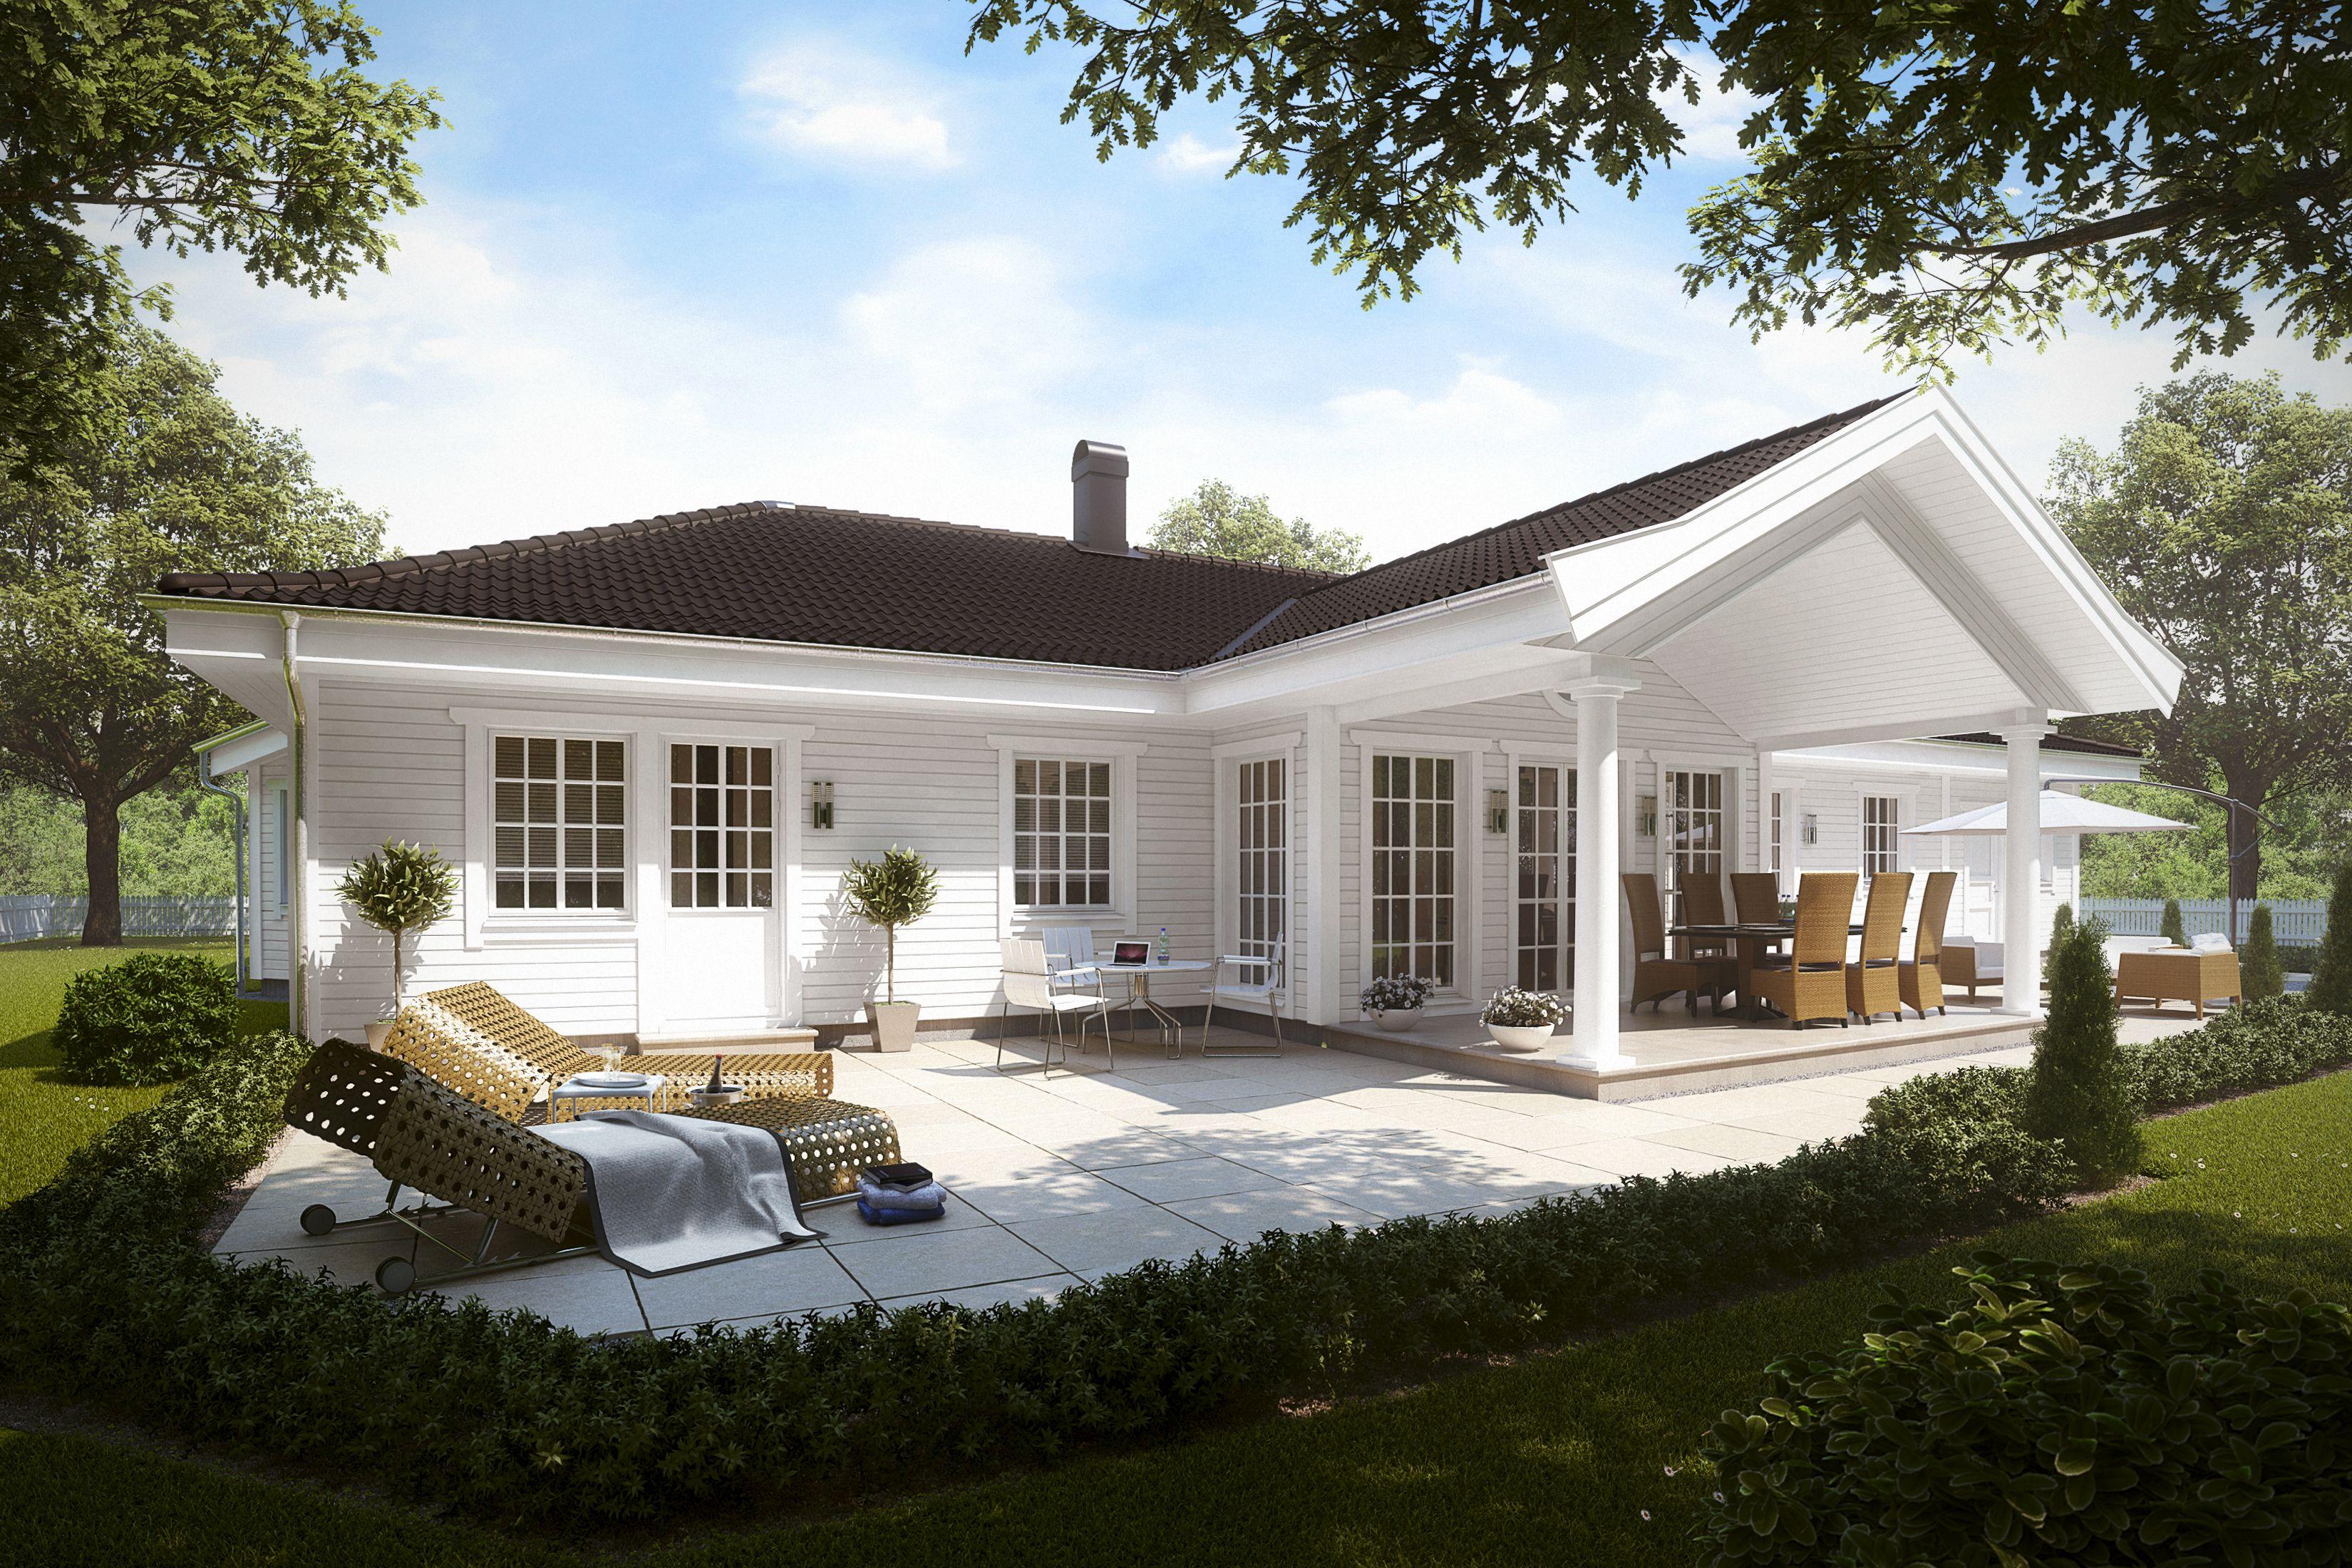 s derhill eksj hus deutschland home pinterest grundrisse schwedenhaus und h uschen. Black Bedroom Furniture Sets. Home Design Ideas